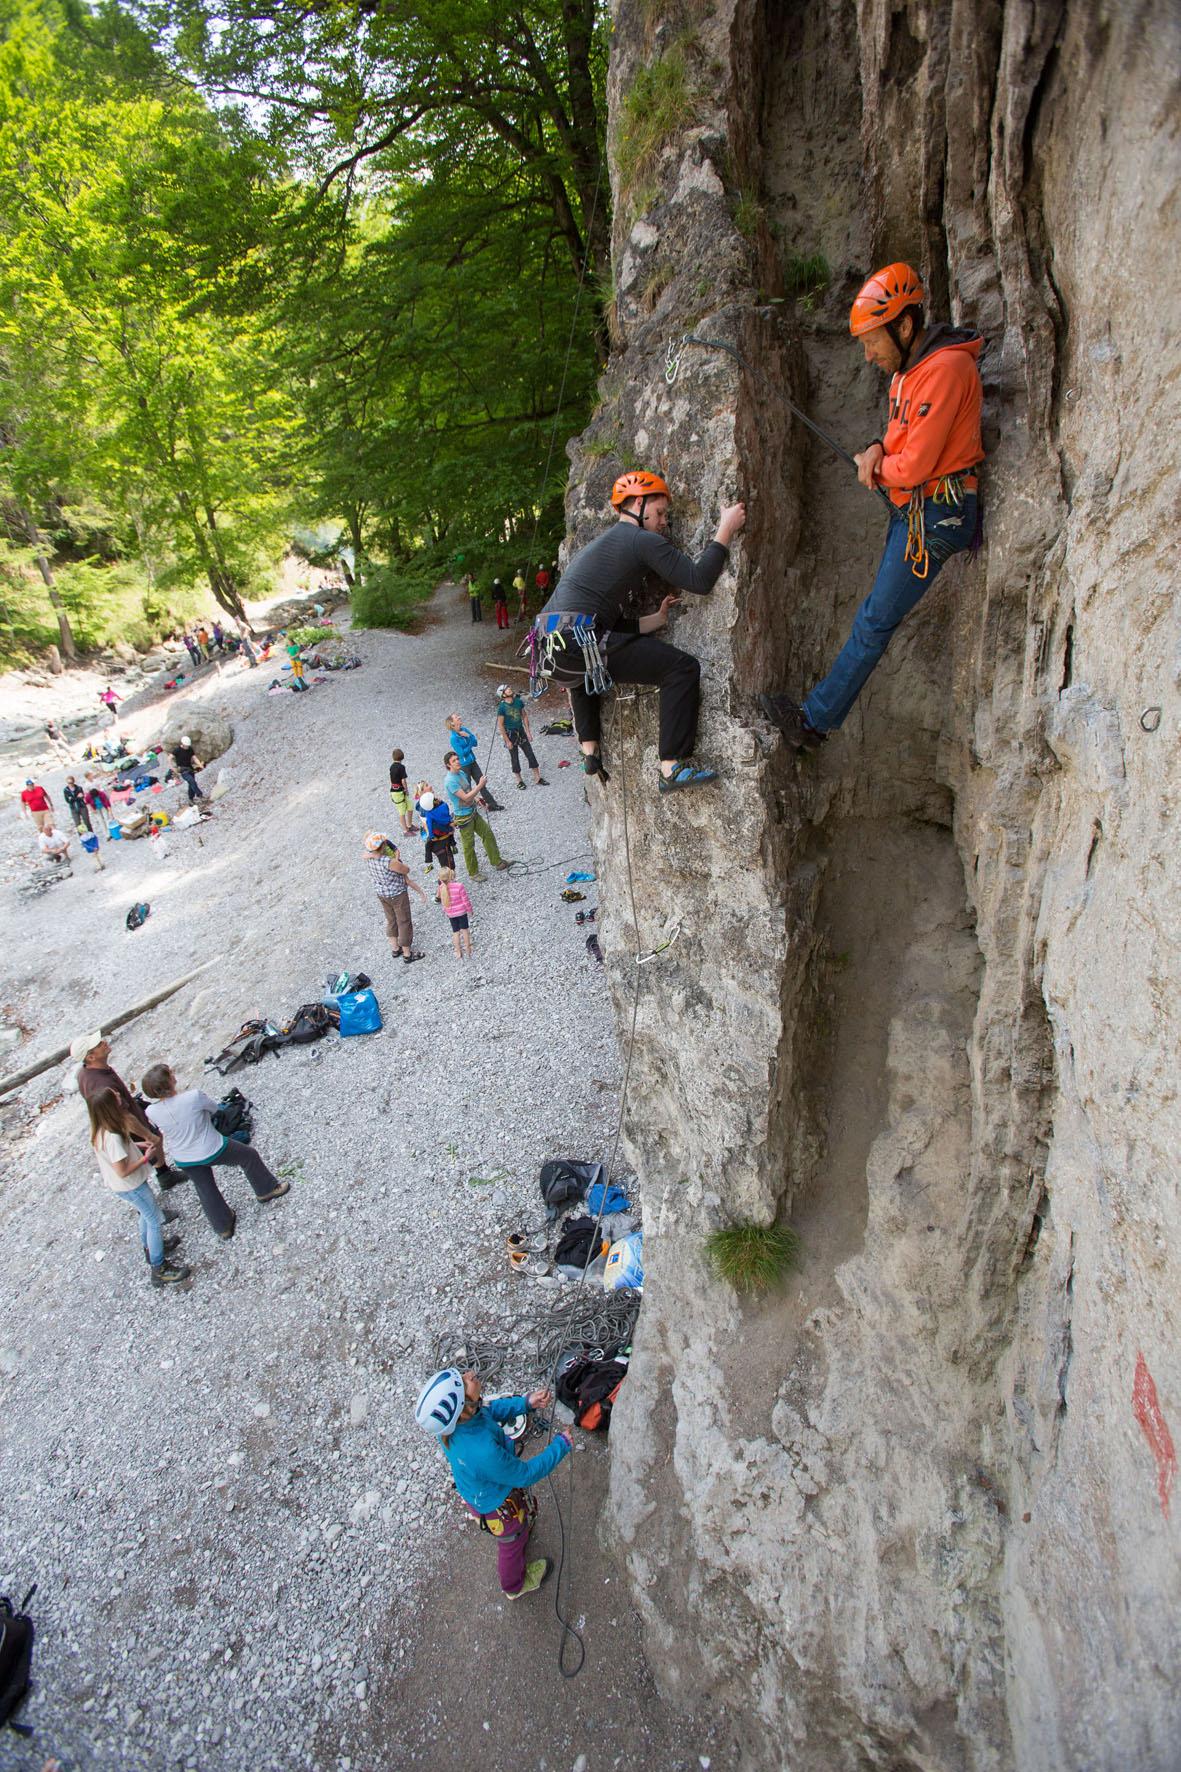 Klettern in der Natur - bei den SAAC Camps kein Problem!